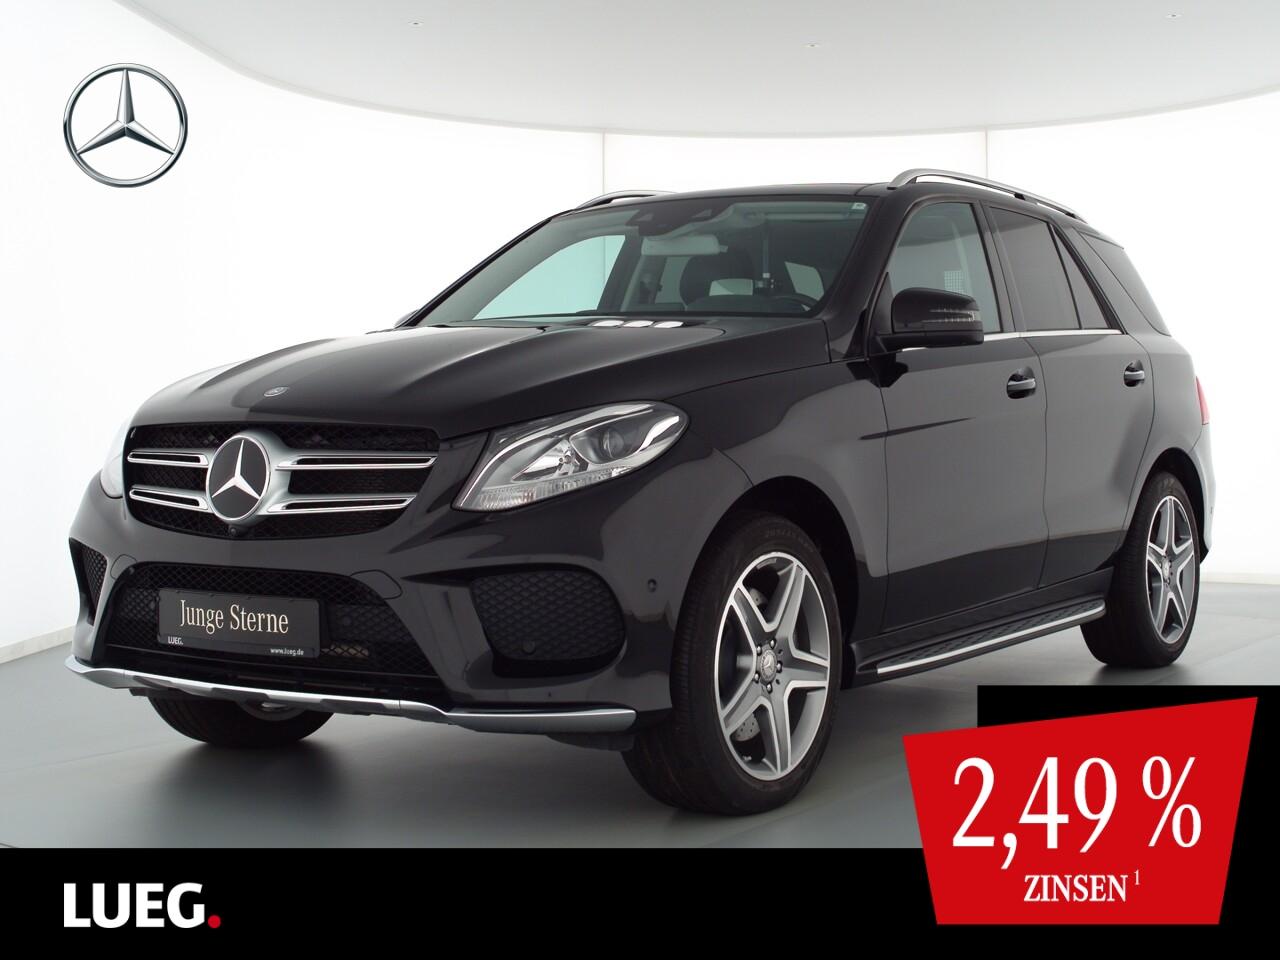 Mercedes-Benz GLE 500 4M AMG+Pano+H&K+20''+KeylGo+Airm+AHK+360, Jahr 2016, Benzin